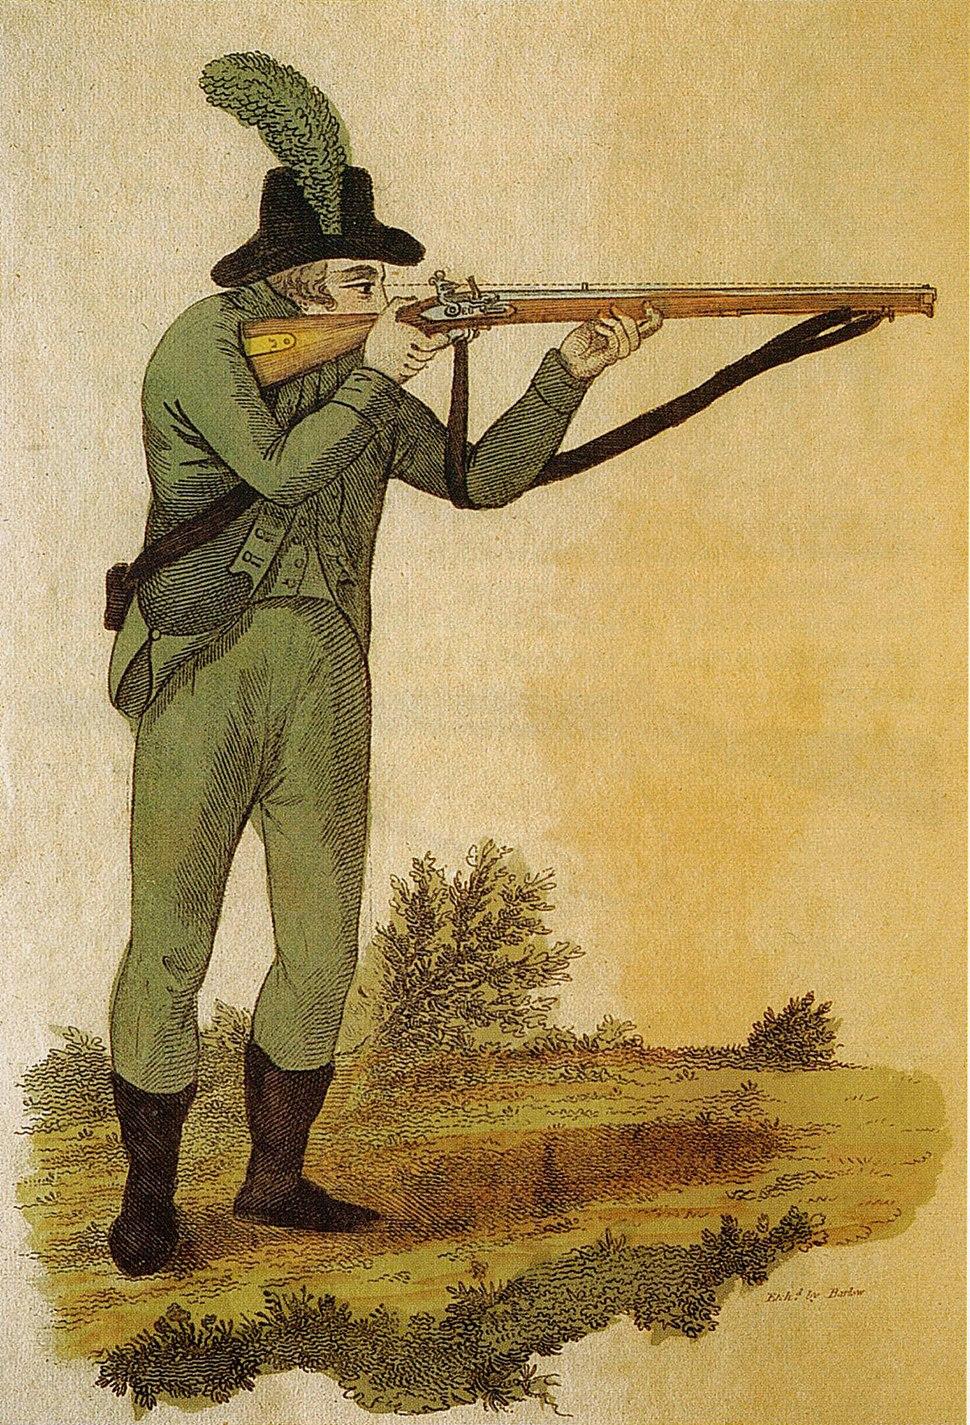 Green jacketed rifleman firing Baker rifle 1803